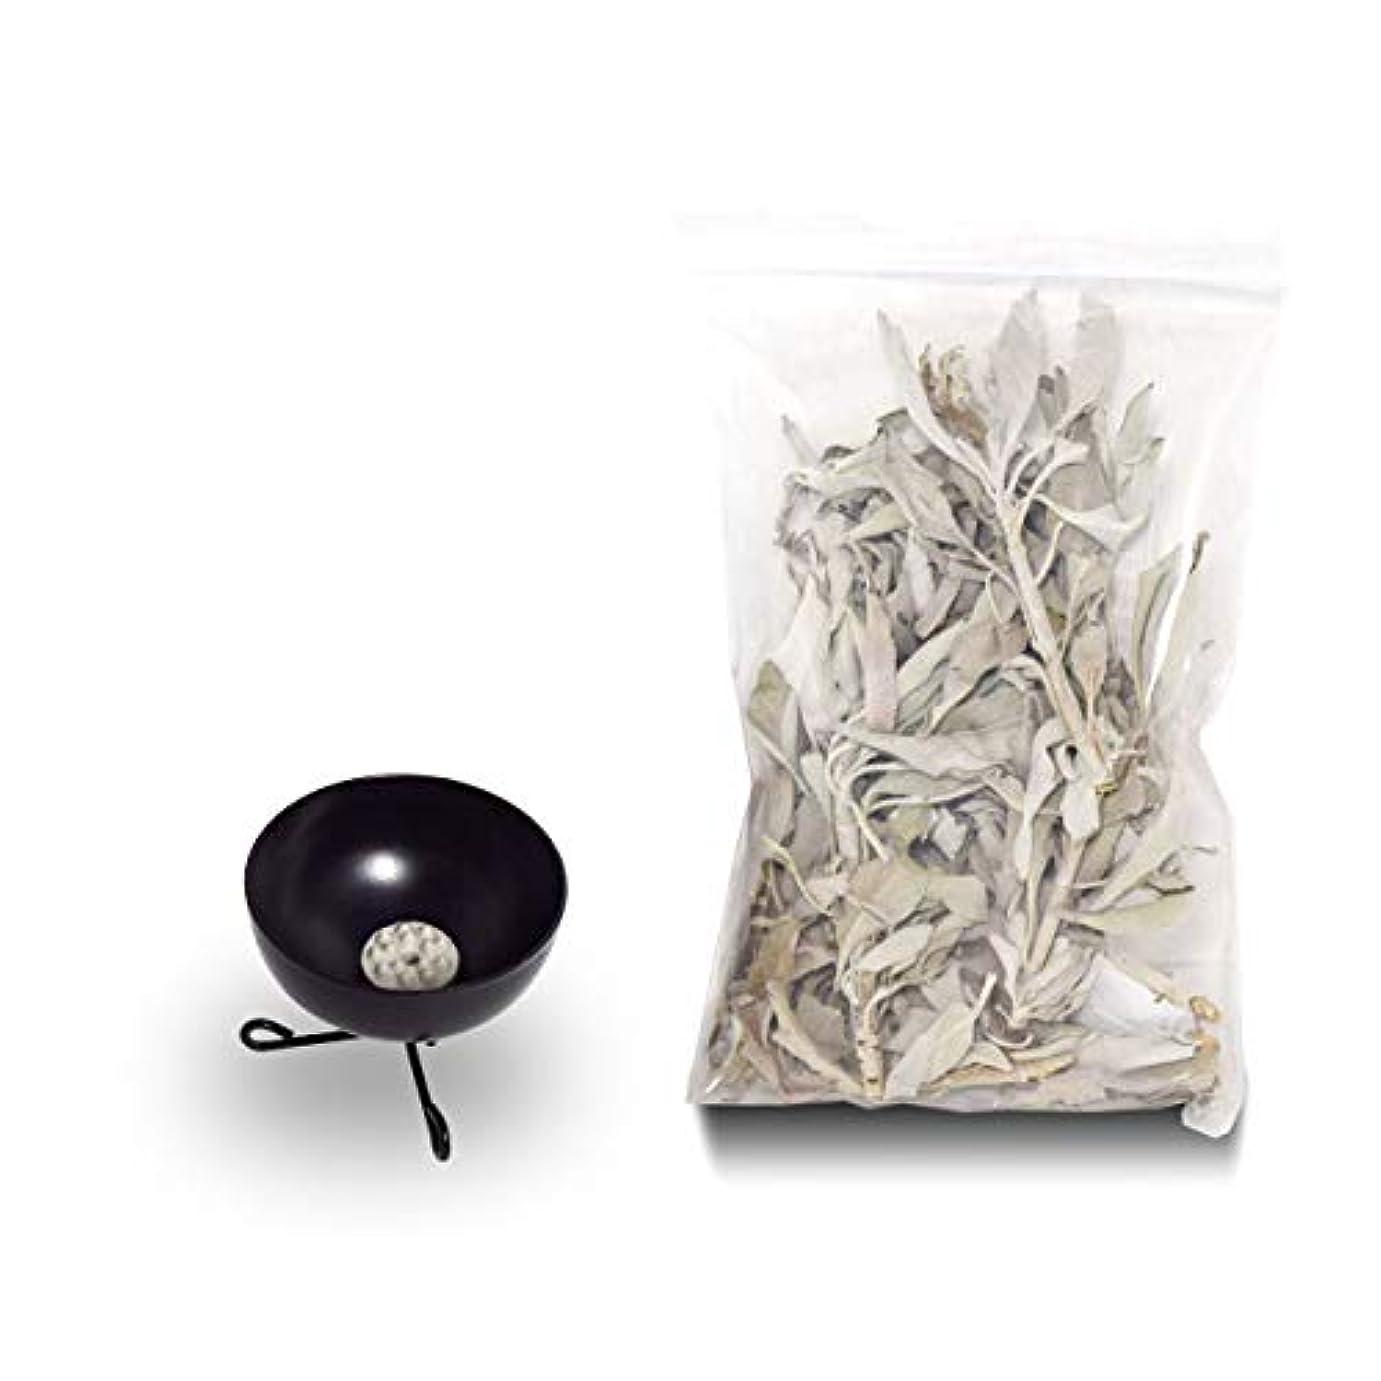 タイル台風講義ホワイトセージ 30g ミニ鉄製香炉 セット パワーストーン 浄化 お香 インセンス